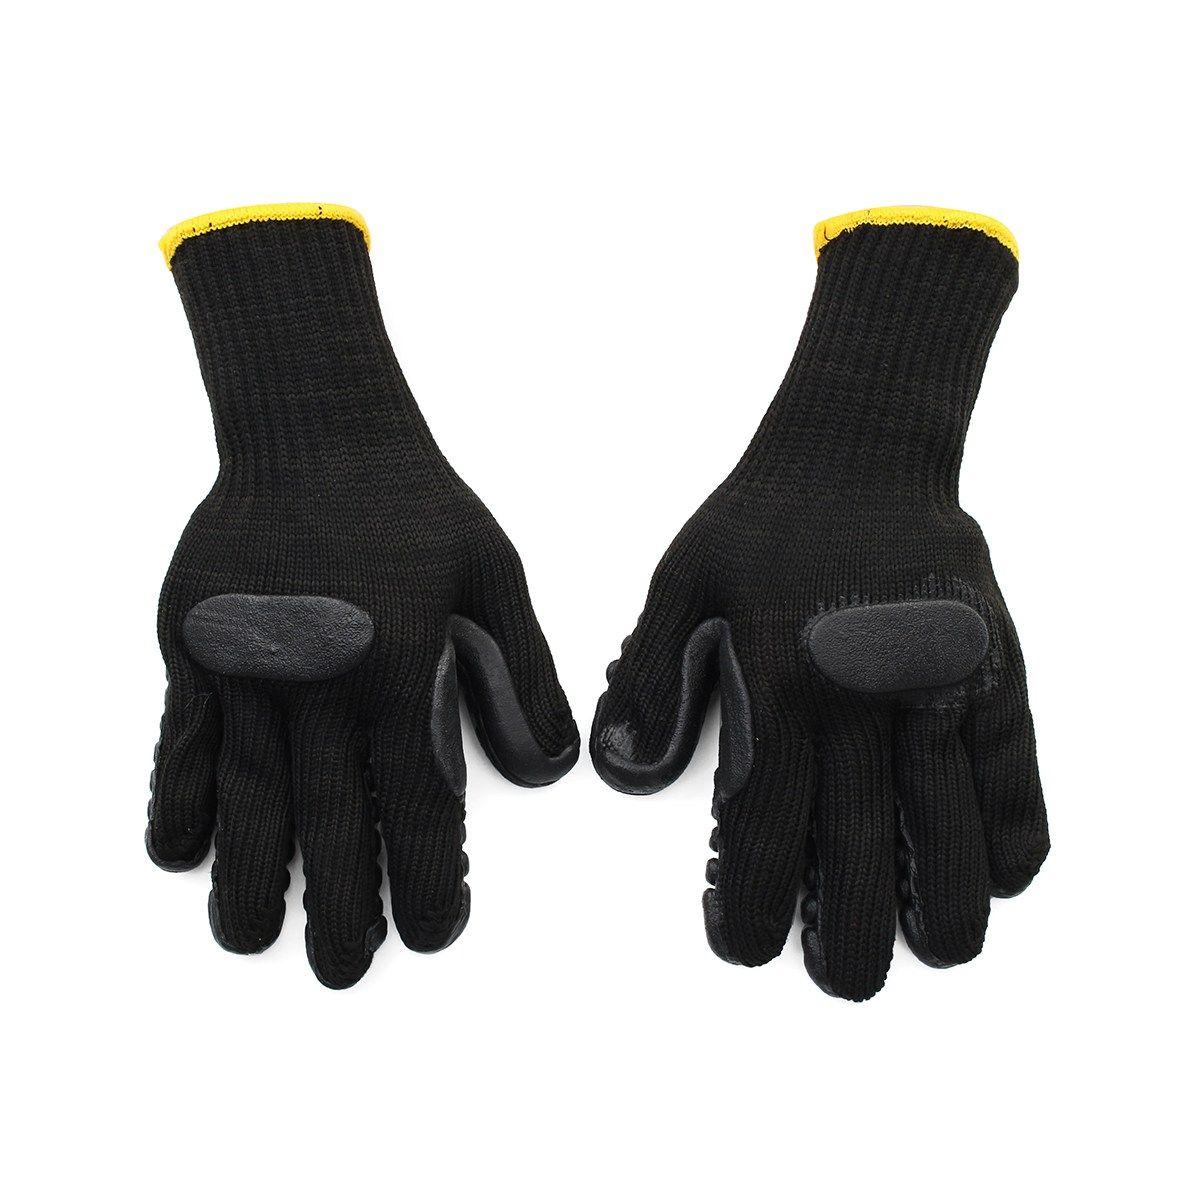 NEUE Safurance Anti Vibration Gloves Elektrowerkzeug Stoßfest Reduziert Arbeit Für Bohren Mine-kohle Arbeitssicherheit